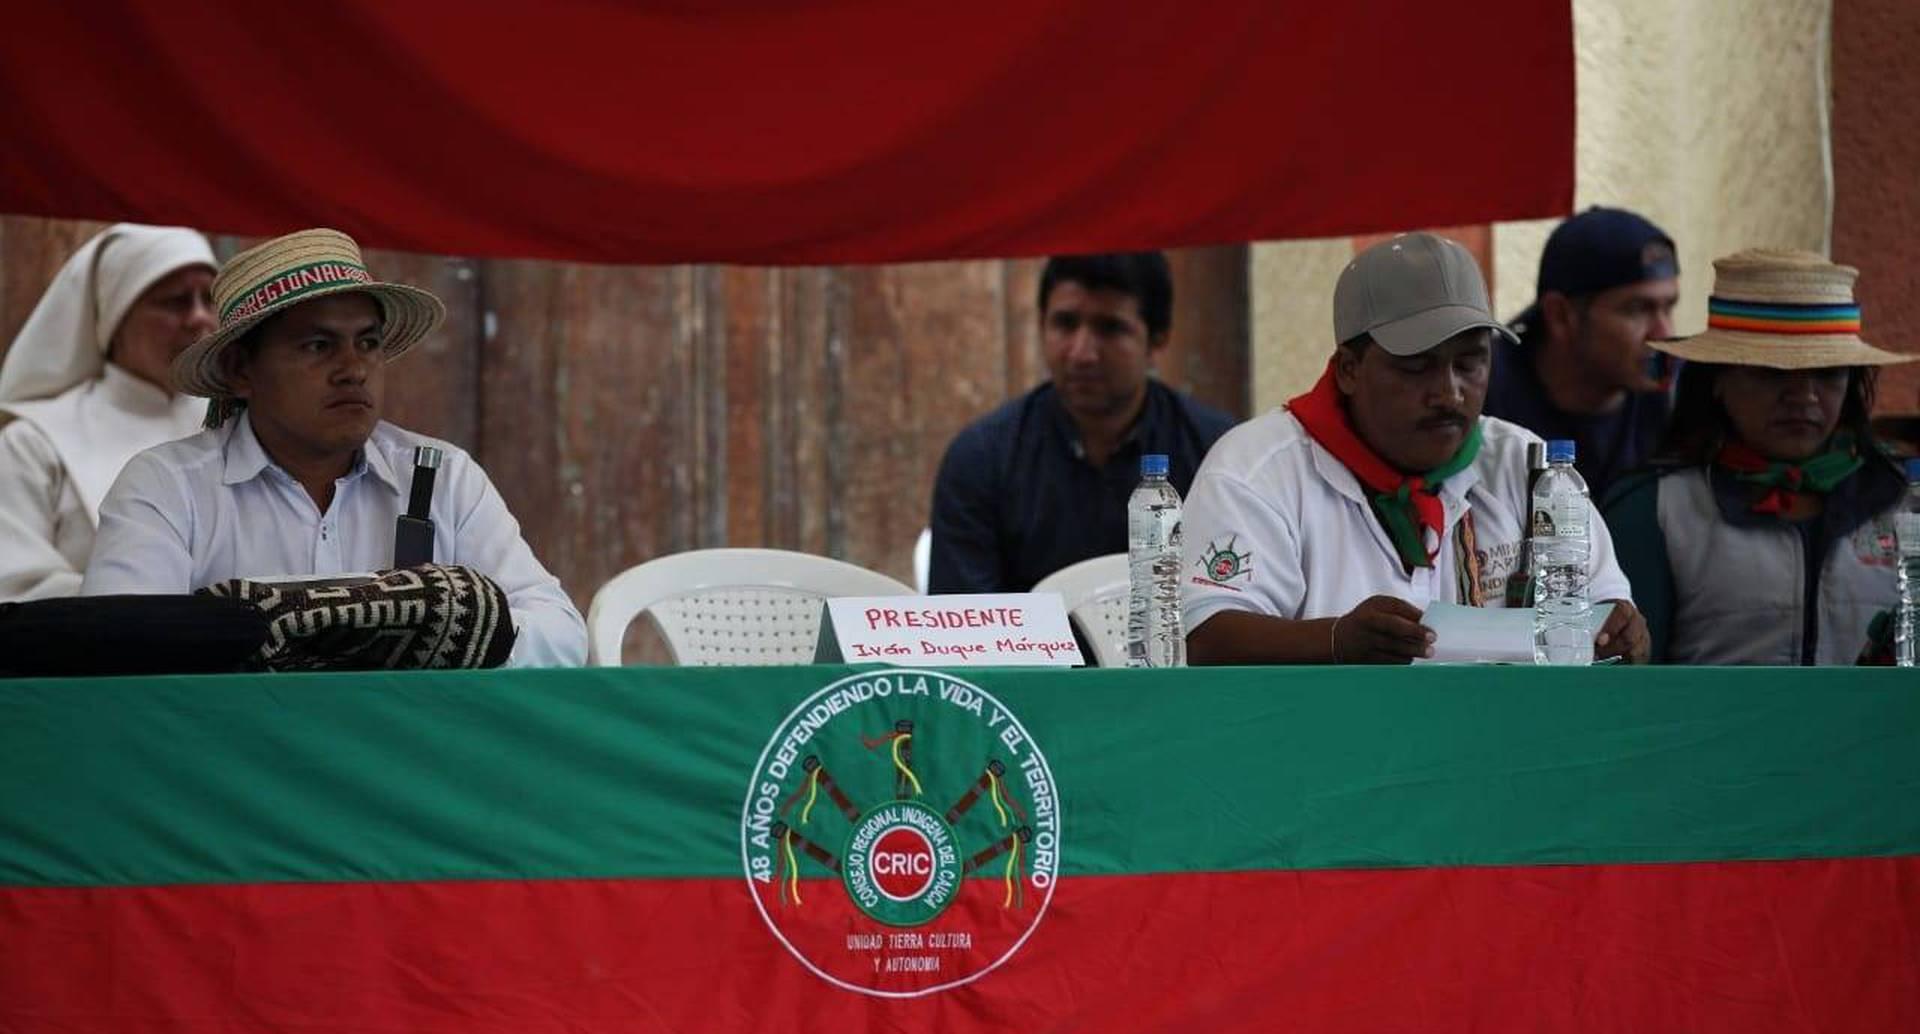 Iván Duque dejó la silla vacía y no se reunió con los indígenas para dialogar sobre los acuerdos establecidos. FOTO: Esteban Vega